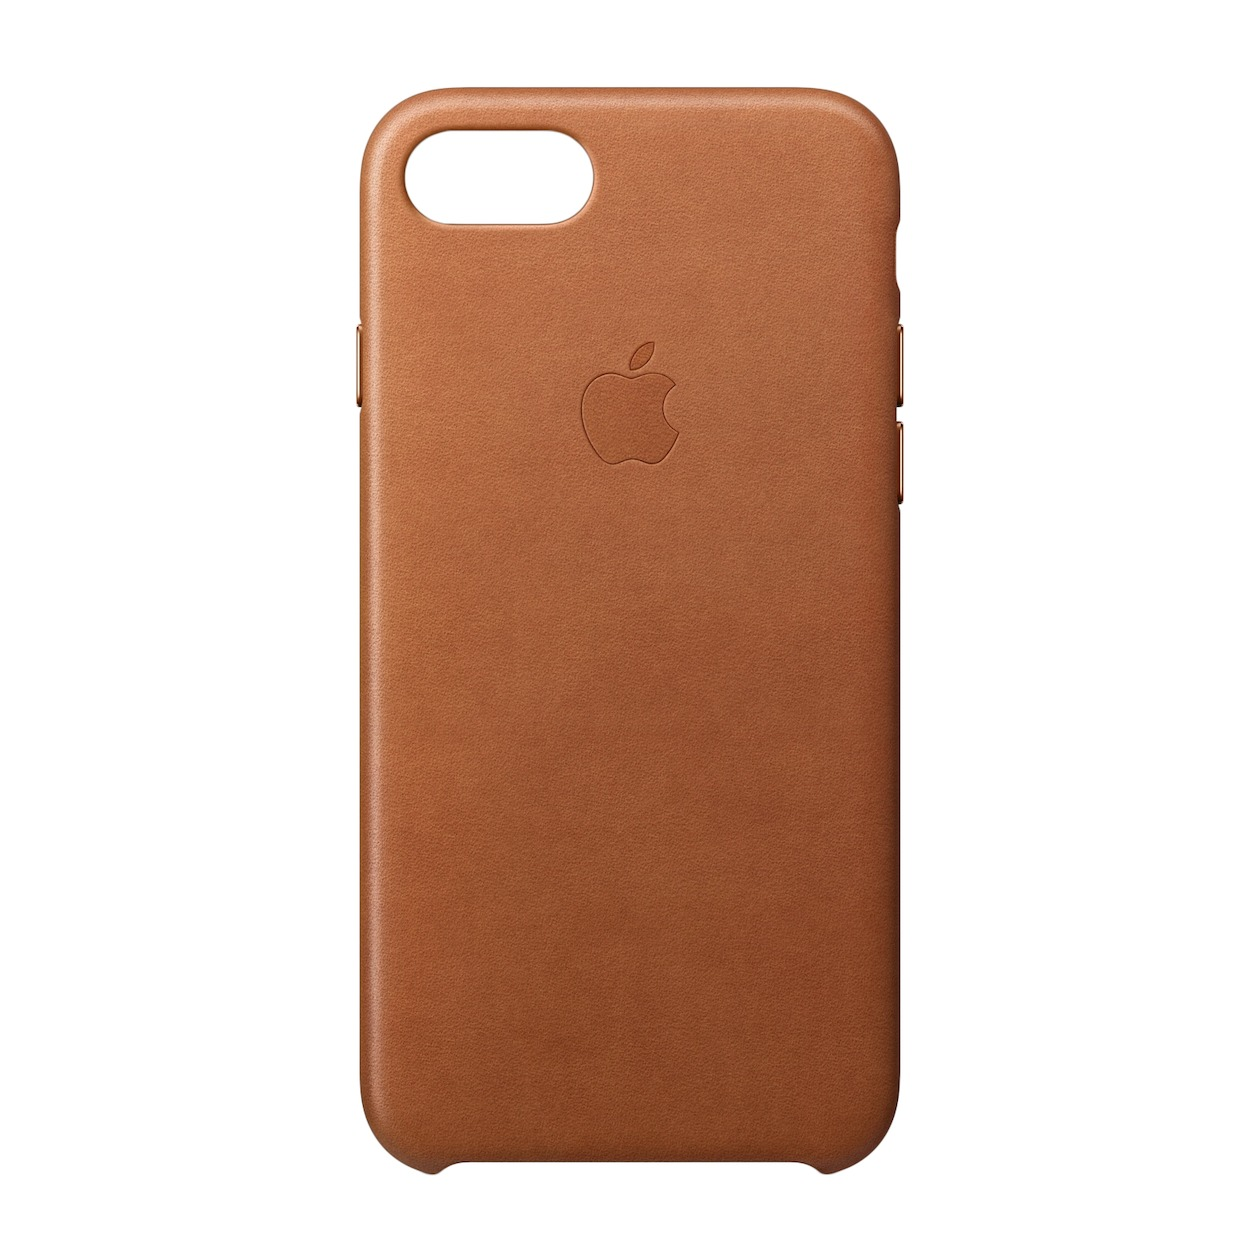 Apple telefoonhoesje Leather Back Cover voor Apple iPhone 7/8 bruin